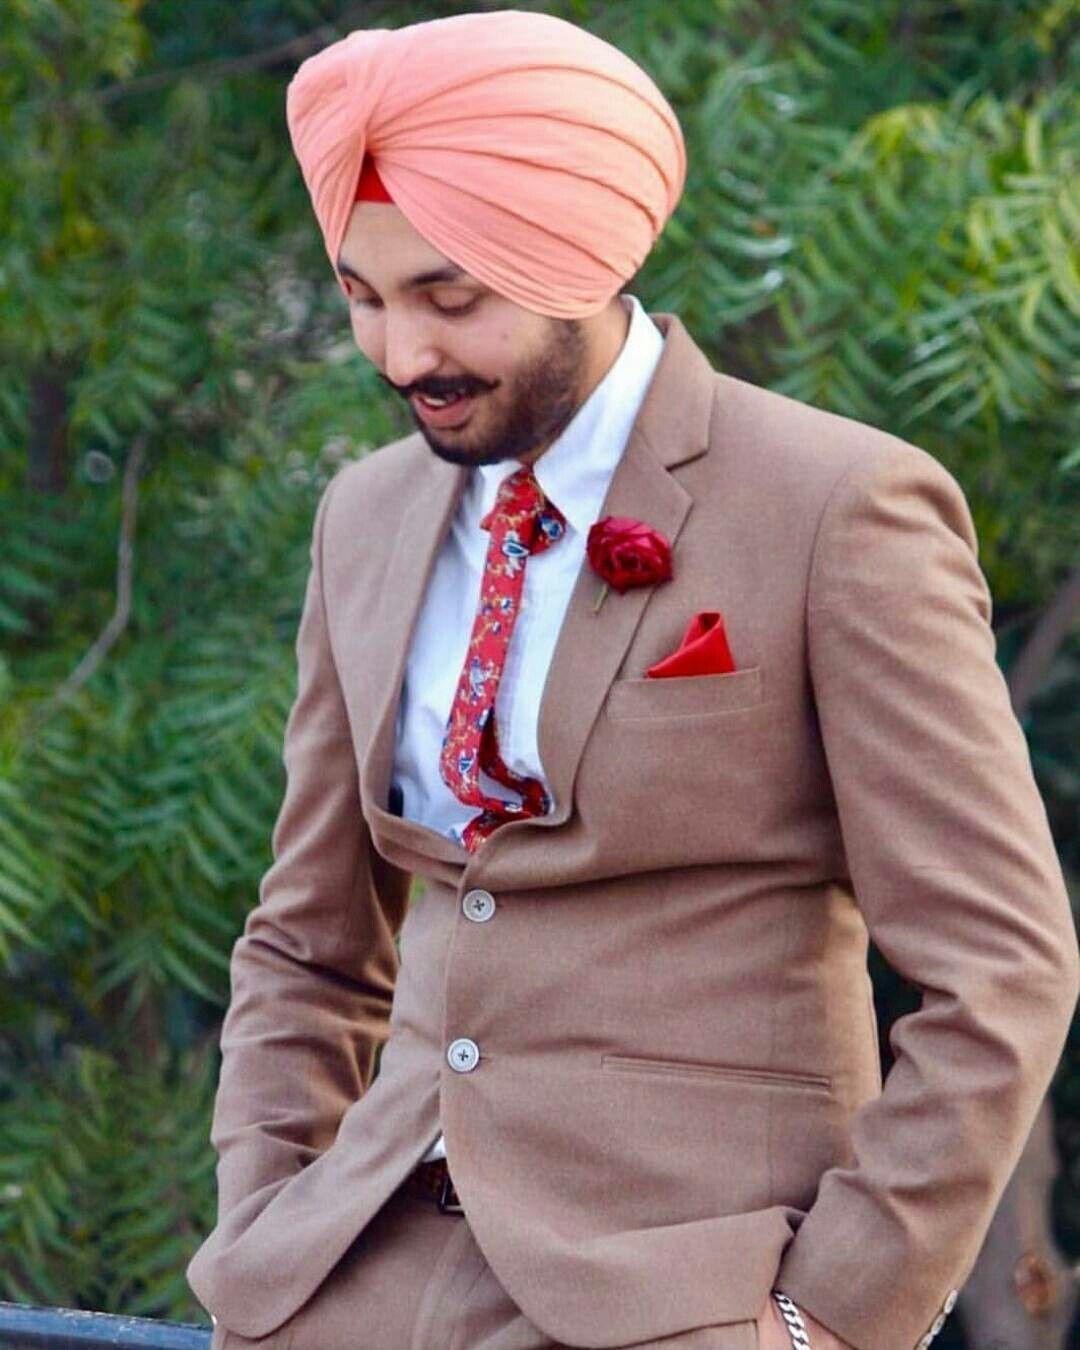 Pin by Gurpreet Singh on Sardari & Men's Fashion